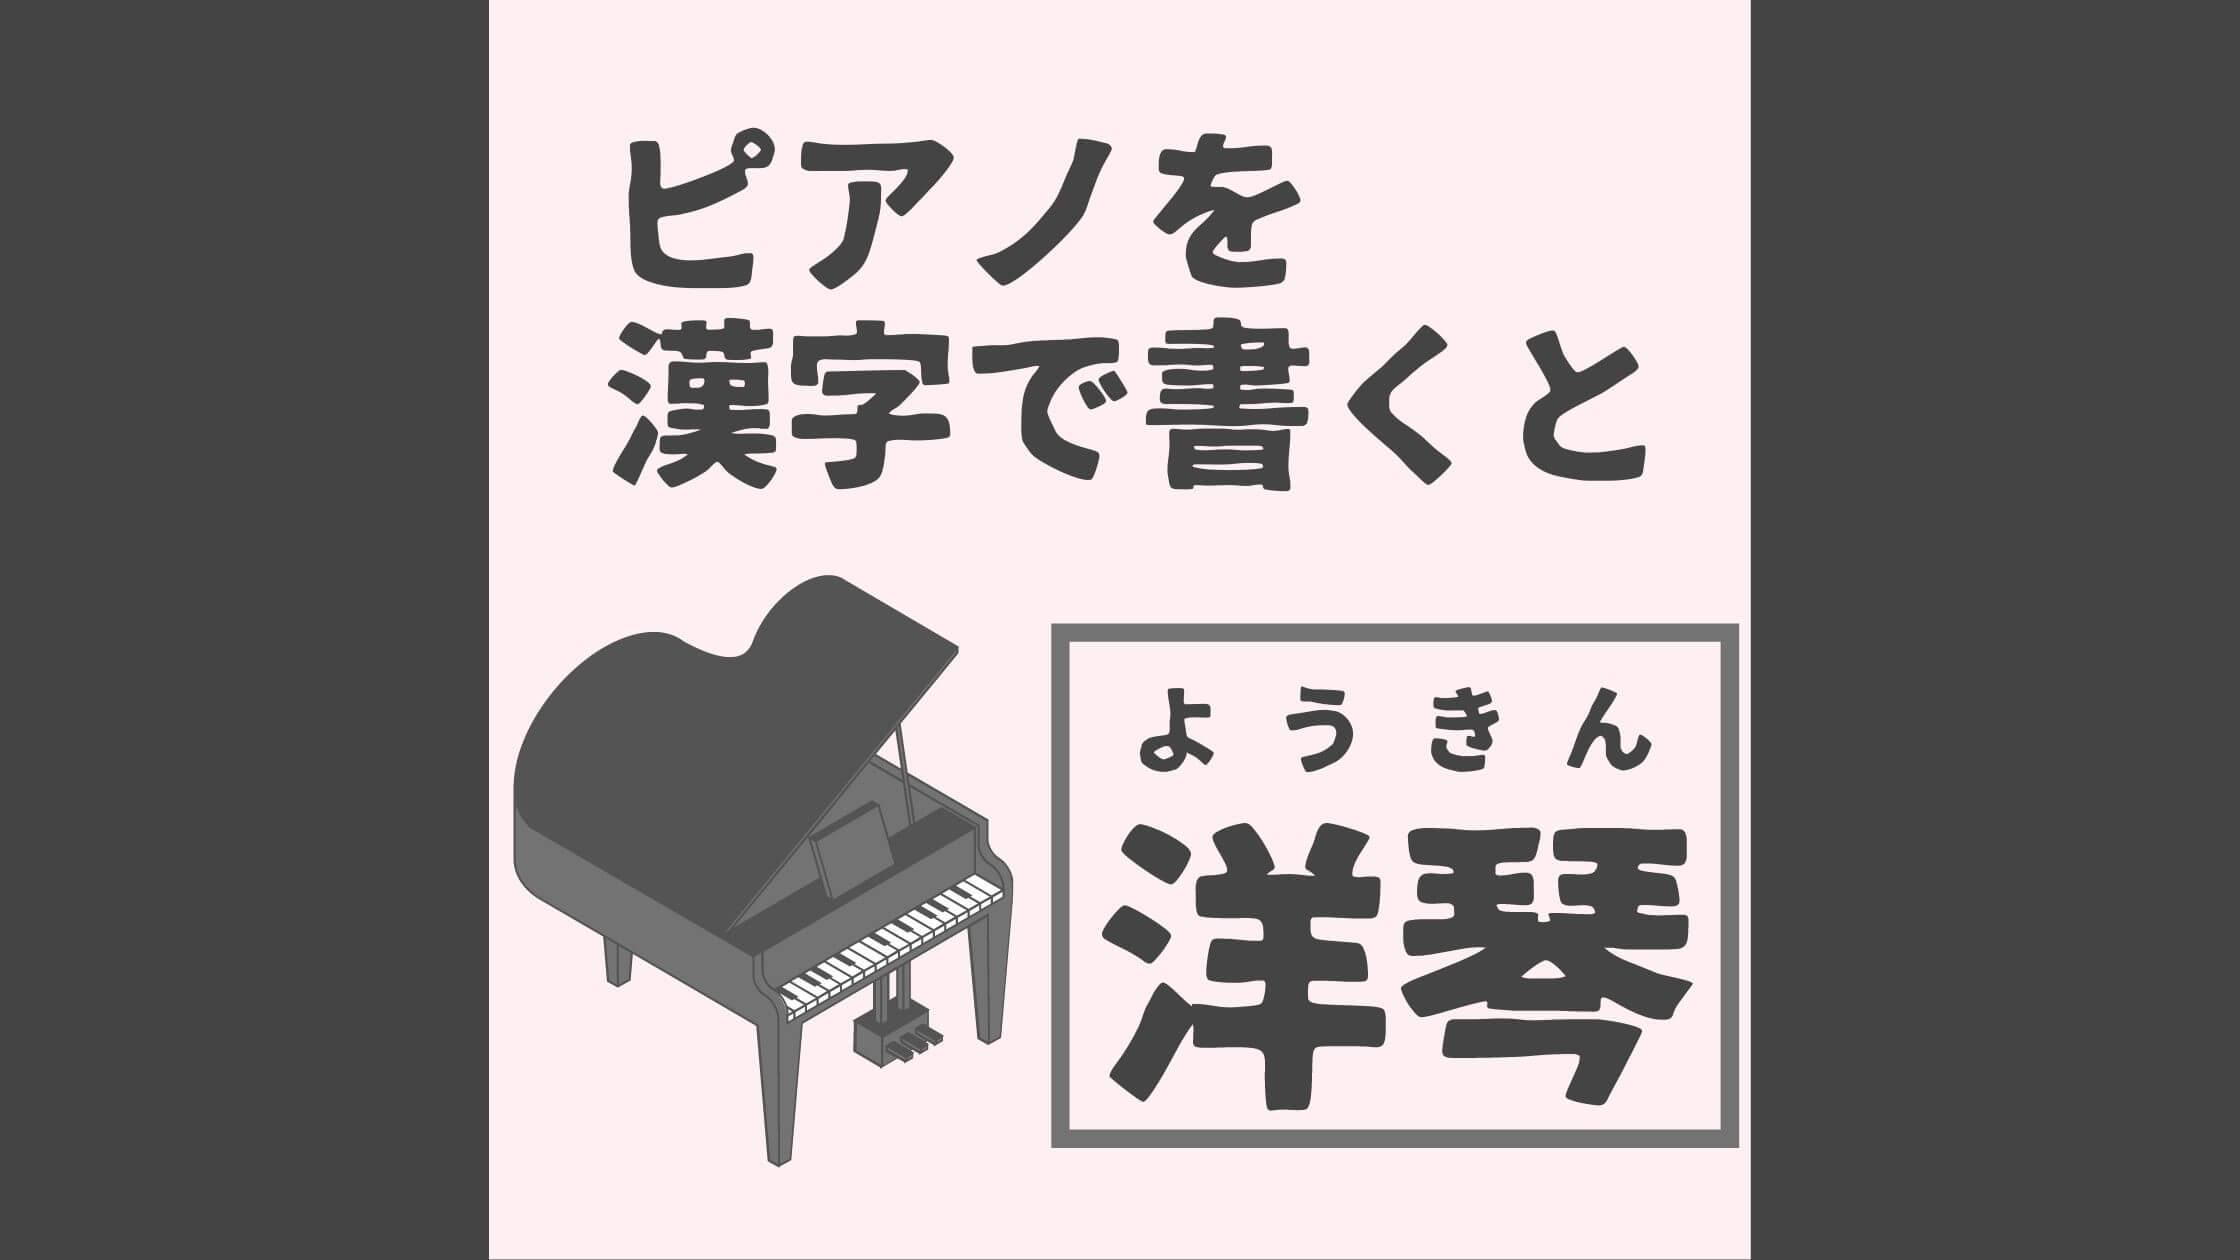 ピアノと漢字で書くと「洋琴」